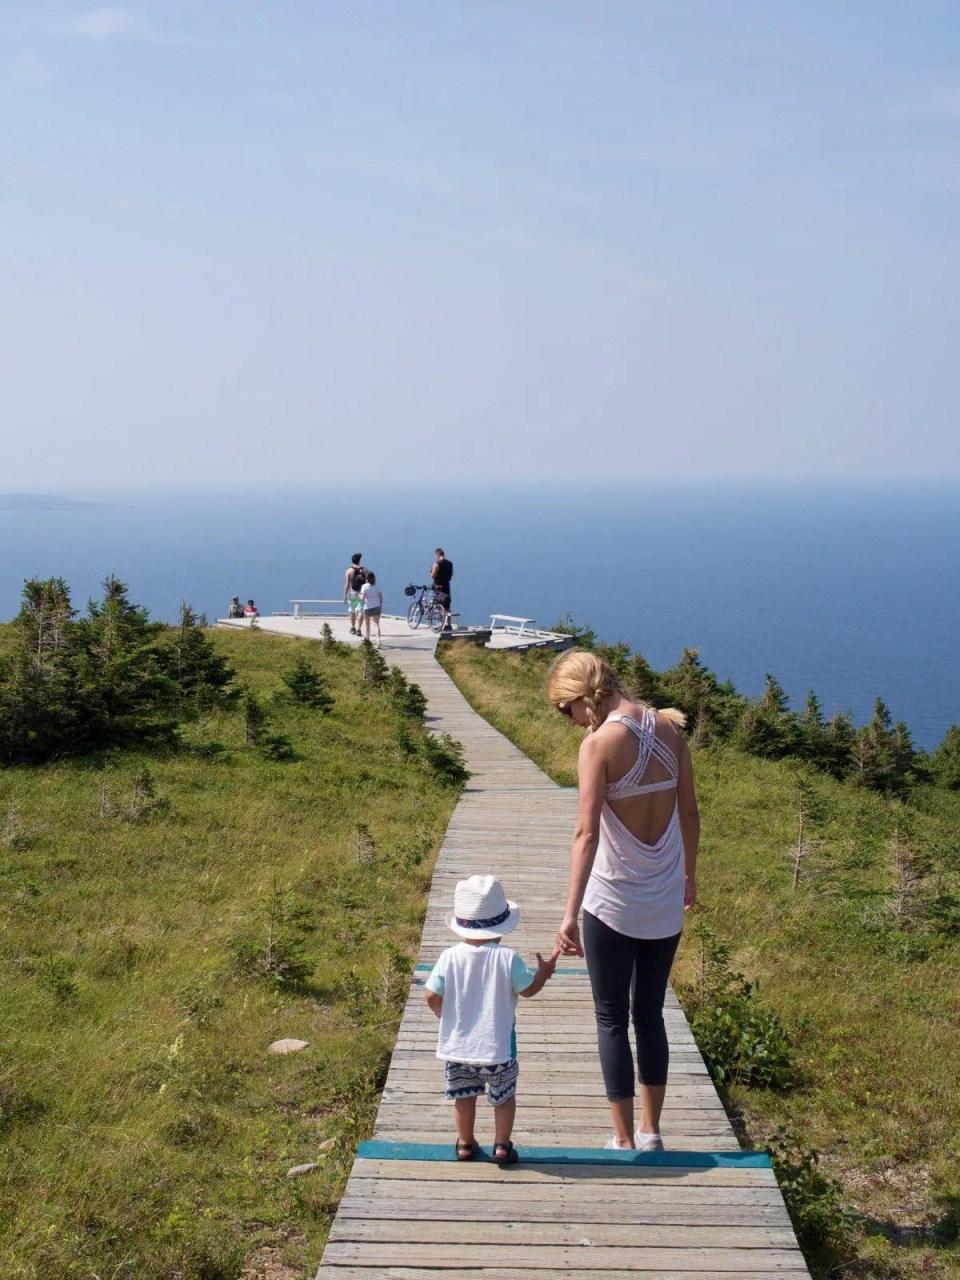 Skyline Trail Cabot Trail Cape Breton Nova Scotia